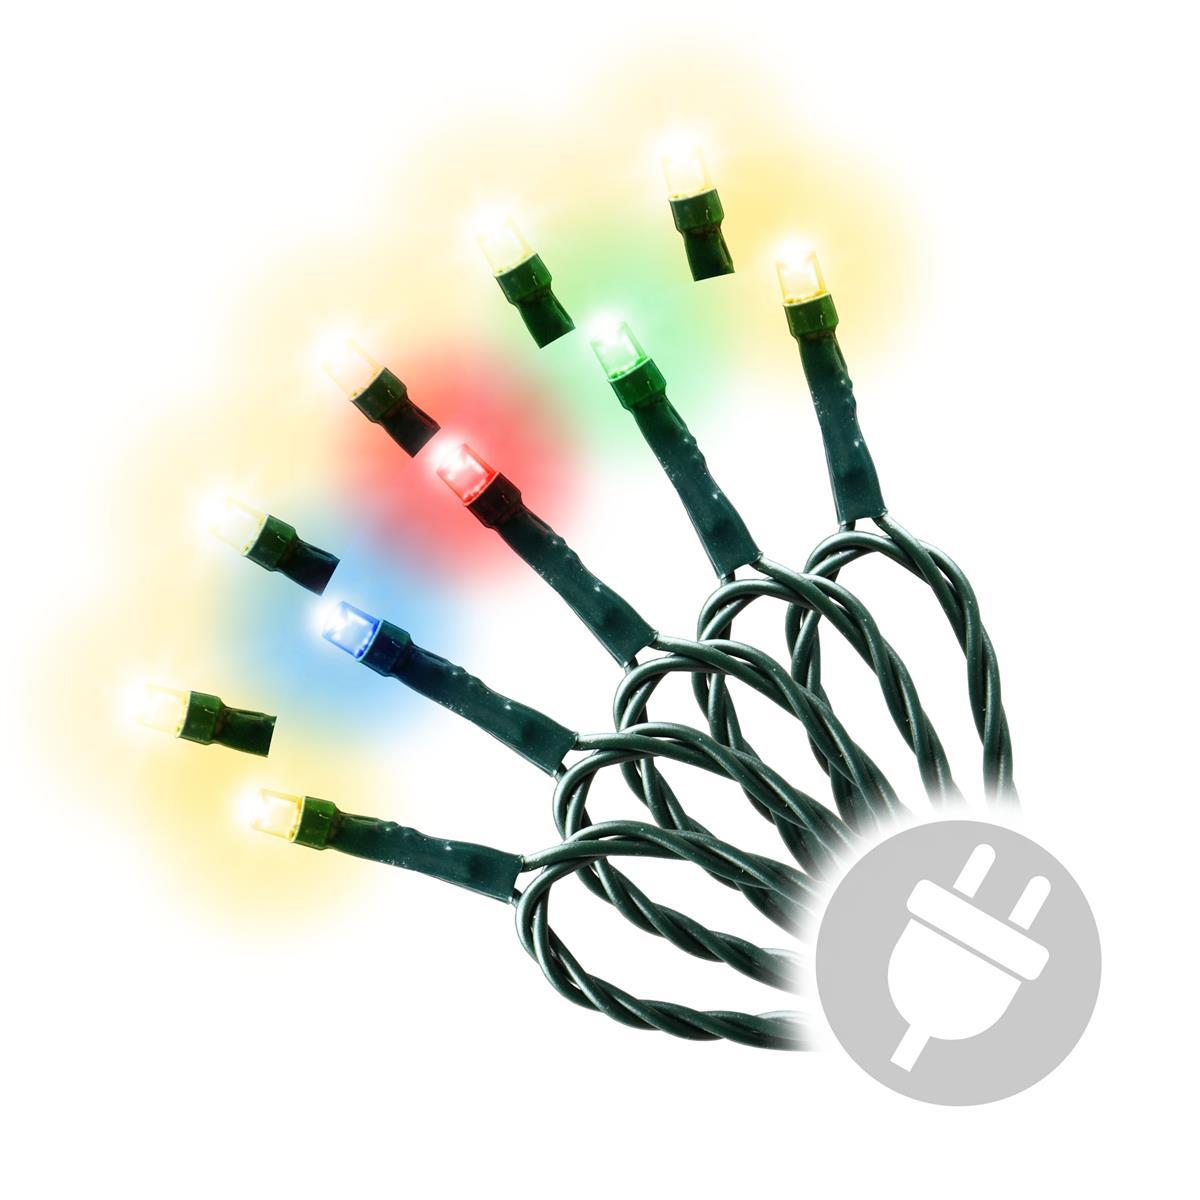 200 LED Lichterkette Farbwechsel warm weiß bunt mit 9 Funktionen grünes Kabel